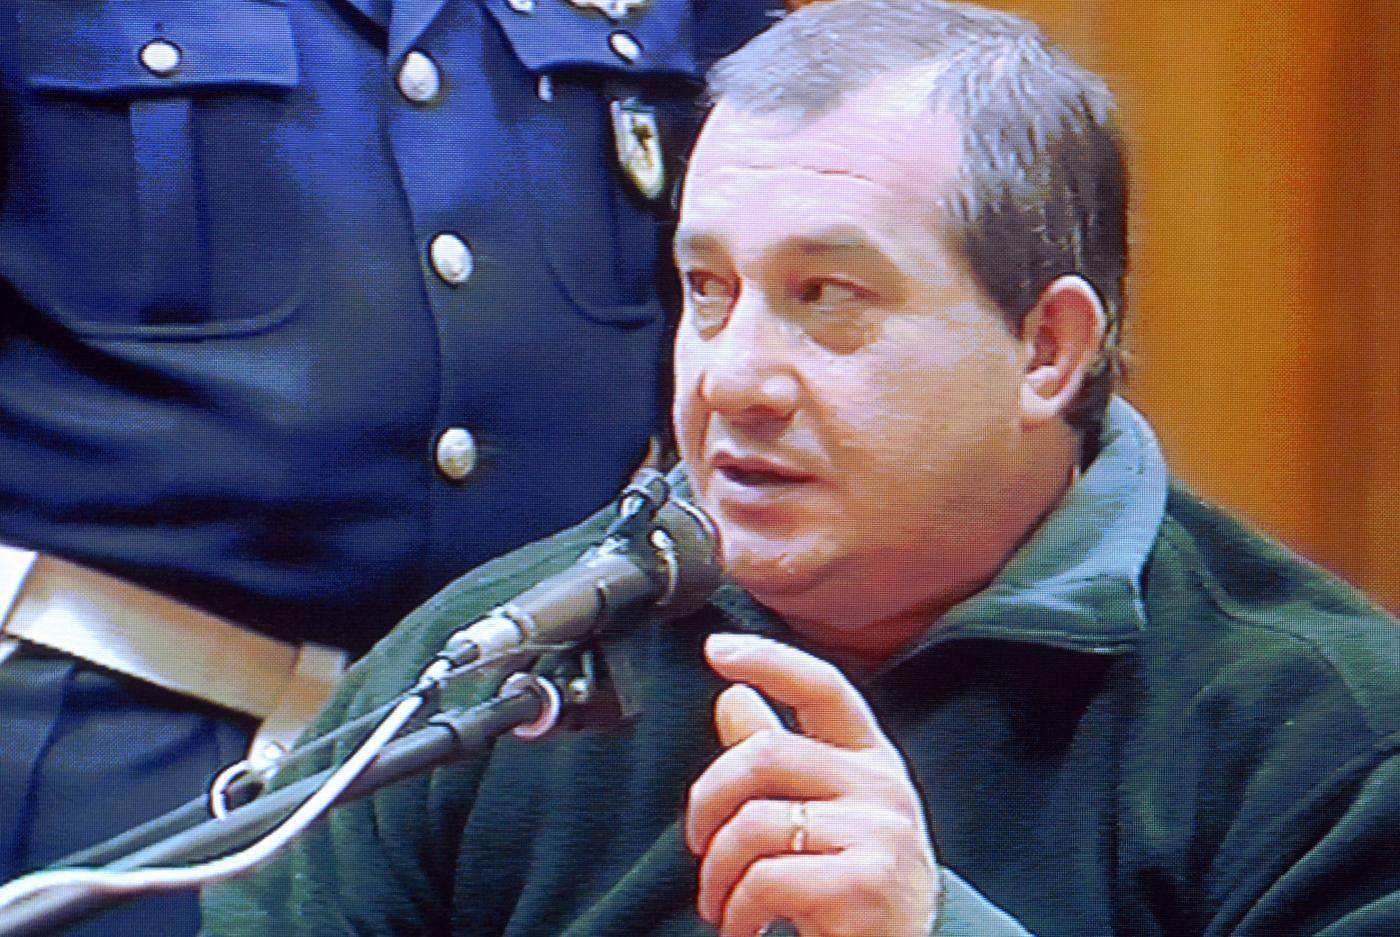 Strage di Erba, Olindo Romano si racconta dal carcere: 'Mi manca mia moglie Rosa'